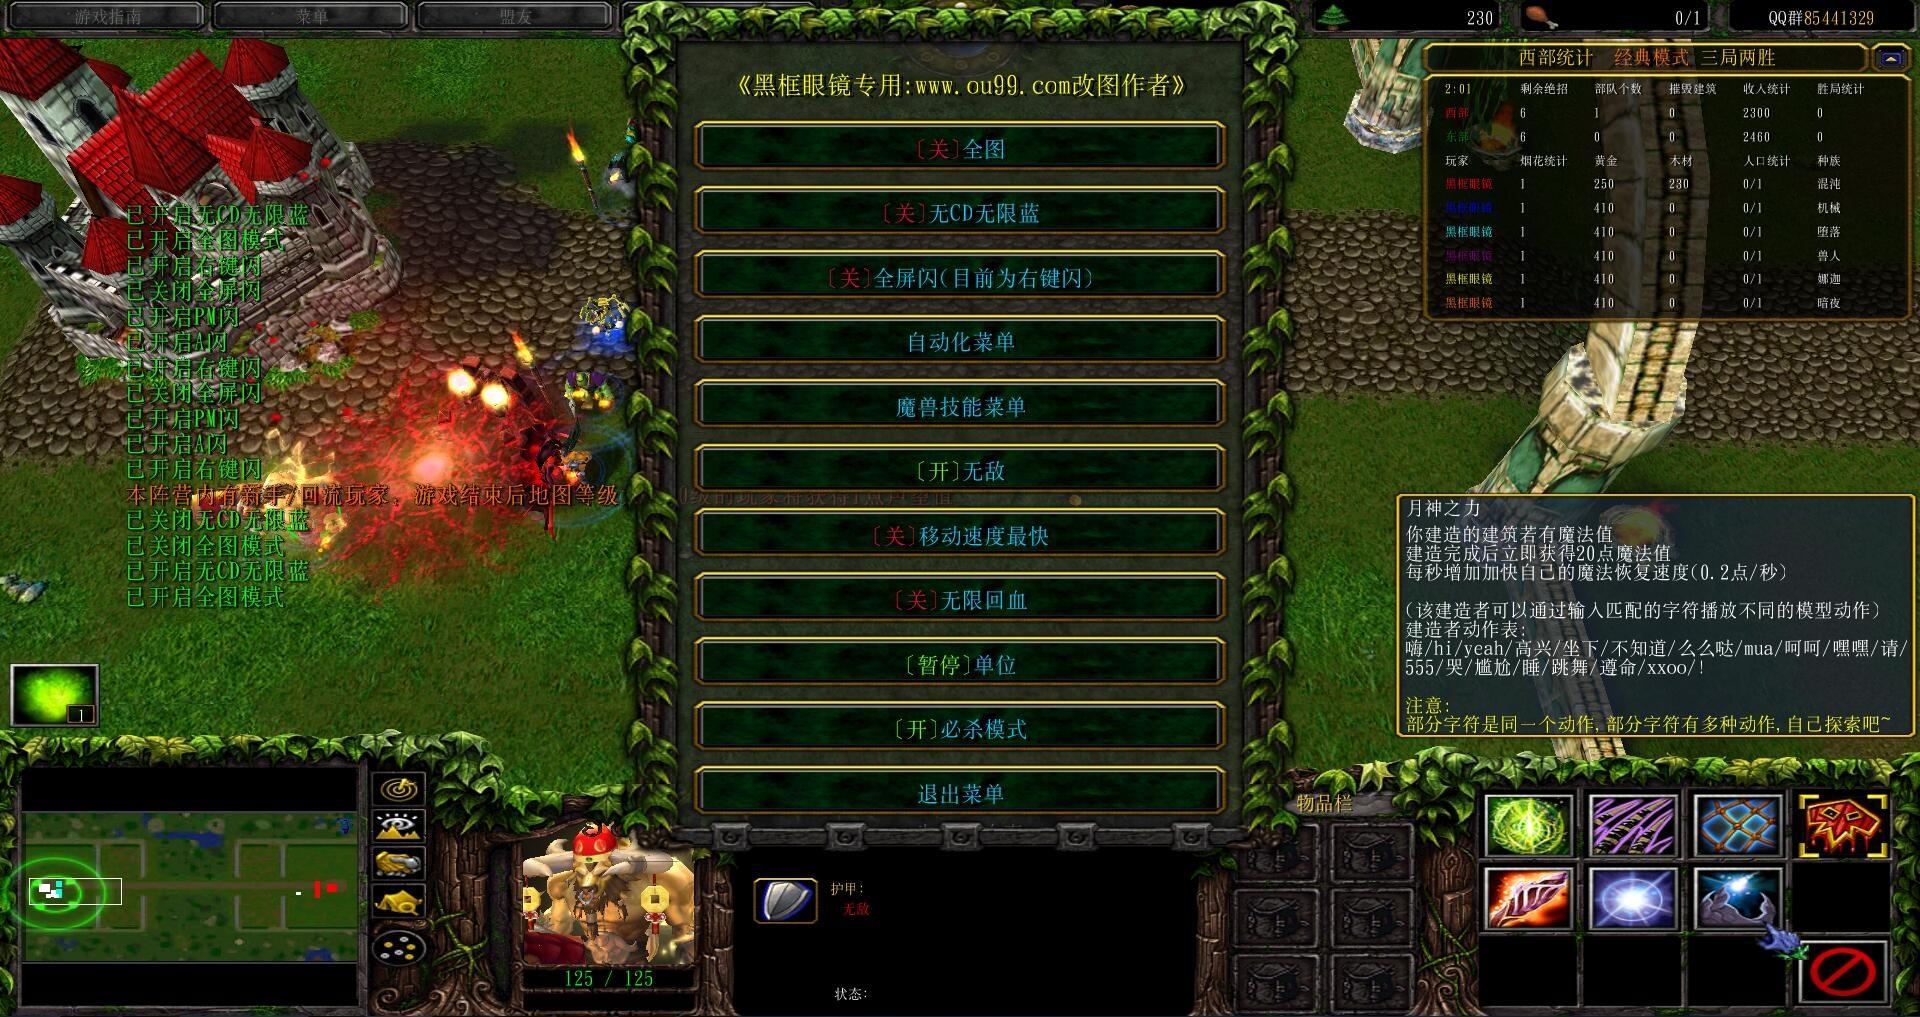 城堡战争2.7.5黑式破解版